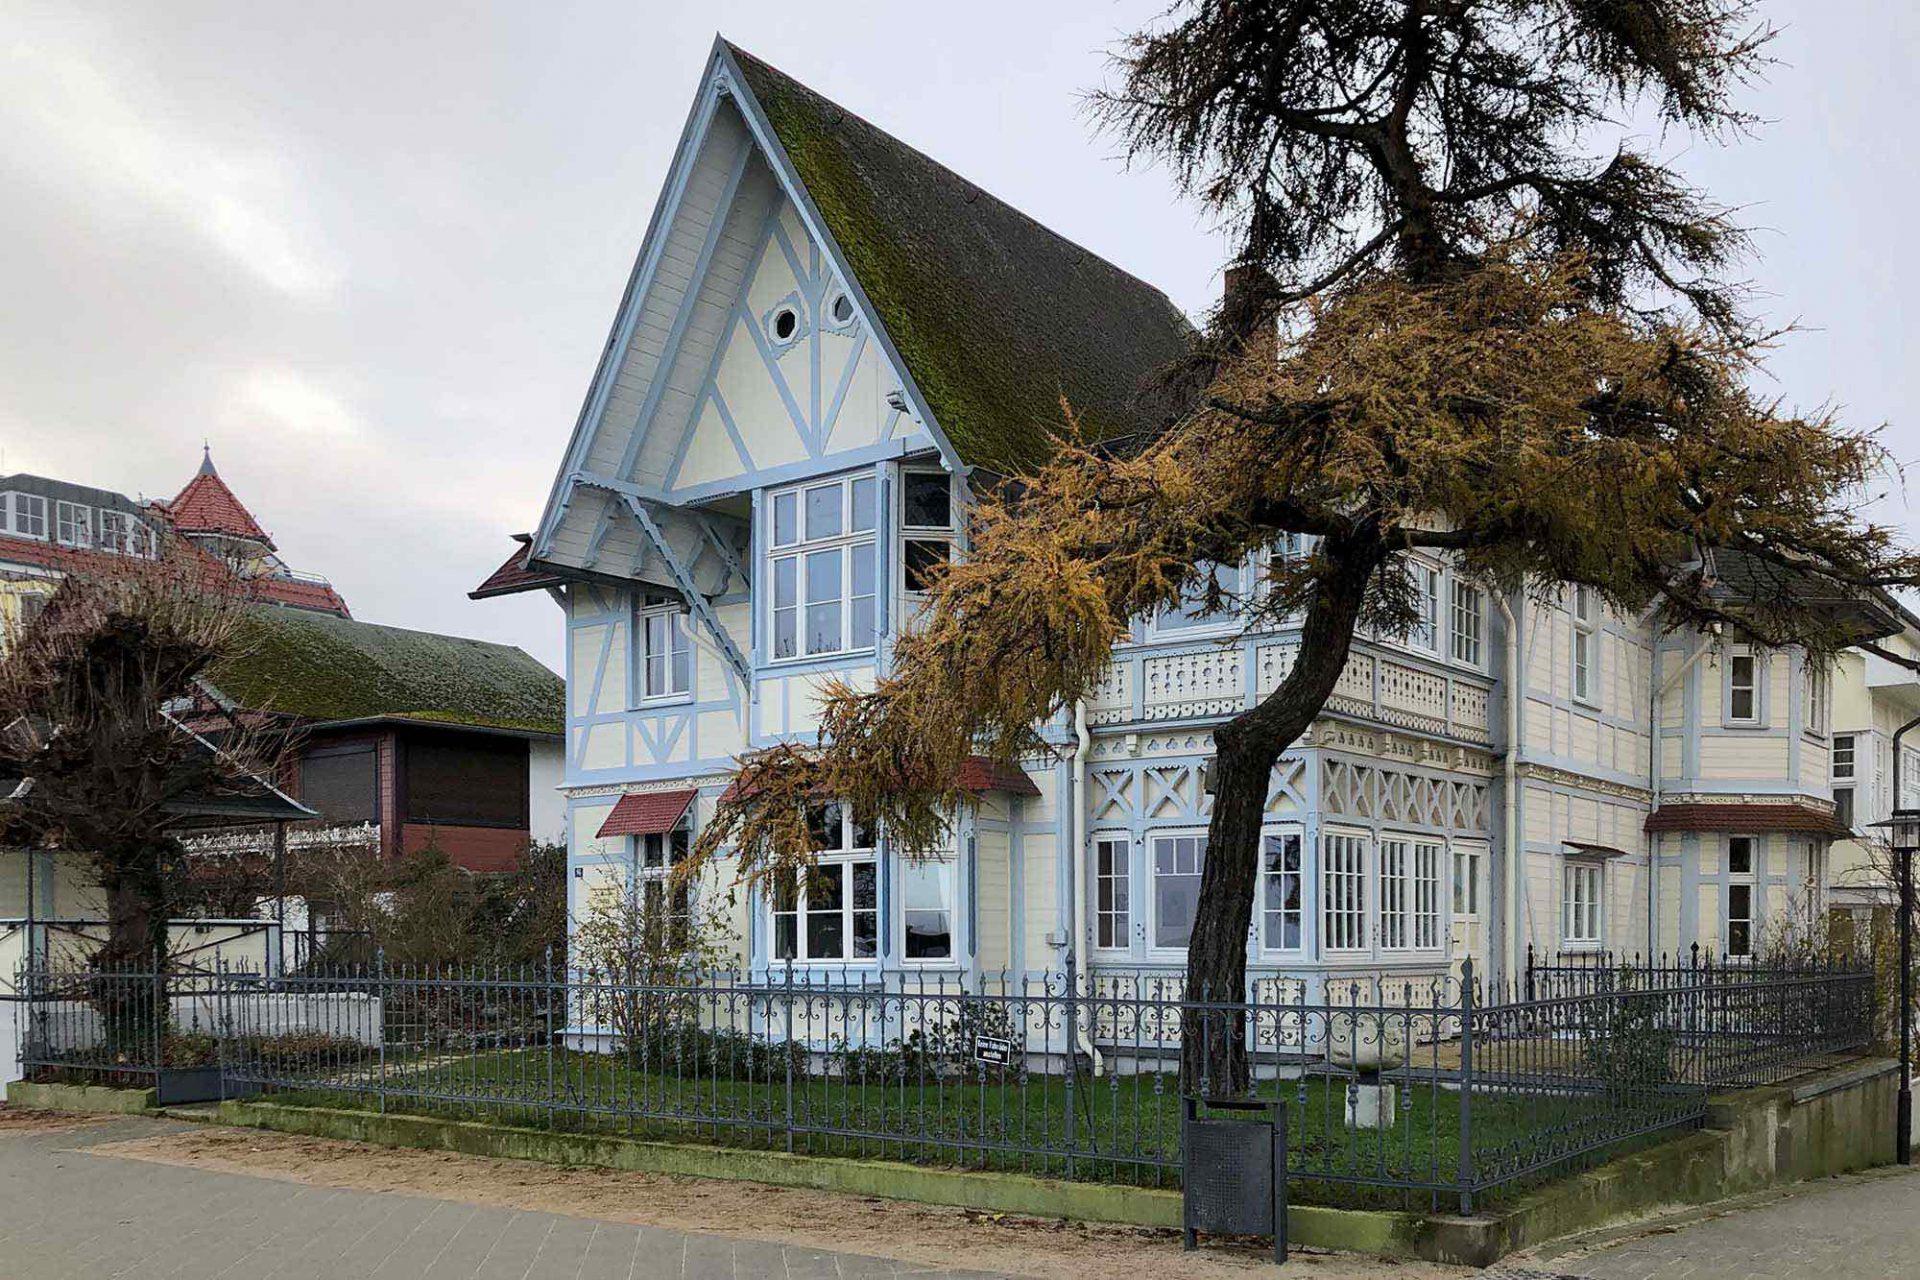 Bansin. Nur wenige Meter entfernt stehen das im schweizerischen Stil errichtete Café Asgard (1898), ein beliebter Künstlertreff der Zwanziger- und Dreißigerjahre, und die Villa Heimdall (1887), benannt nach dem Schutzgeist der nordischen Götter, mit einem Spitzdach in unverkennbar skandinavischem Stil.